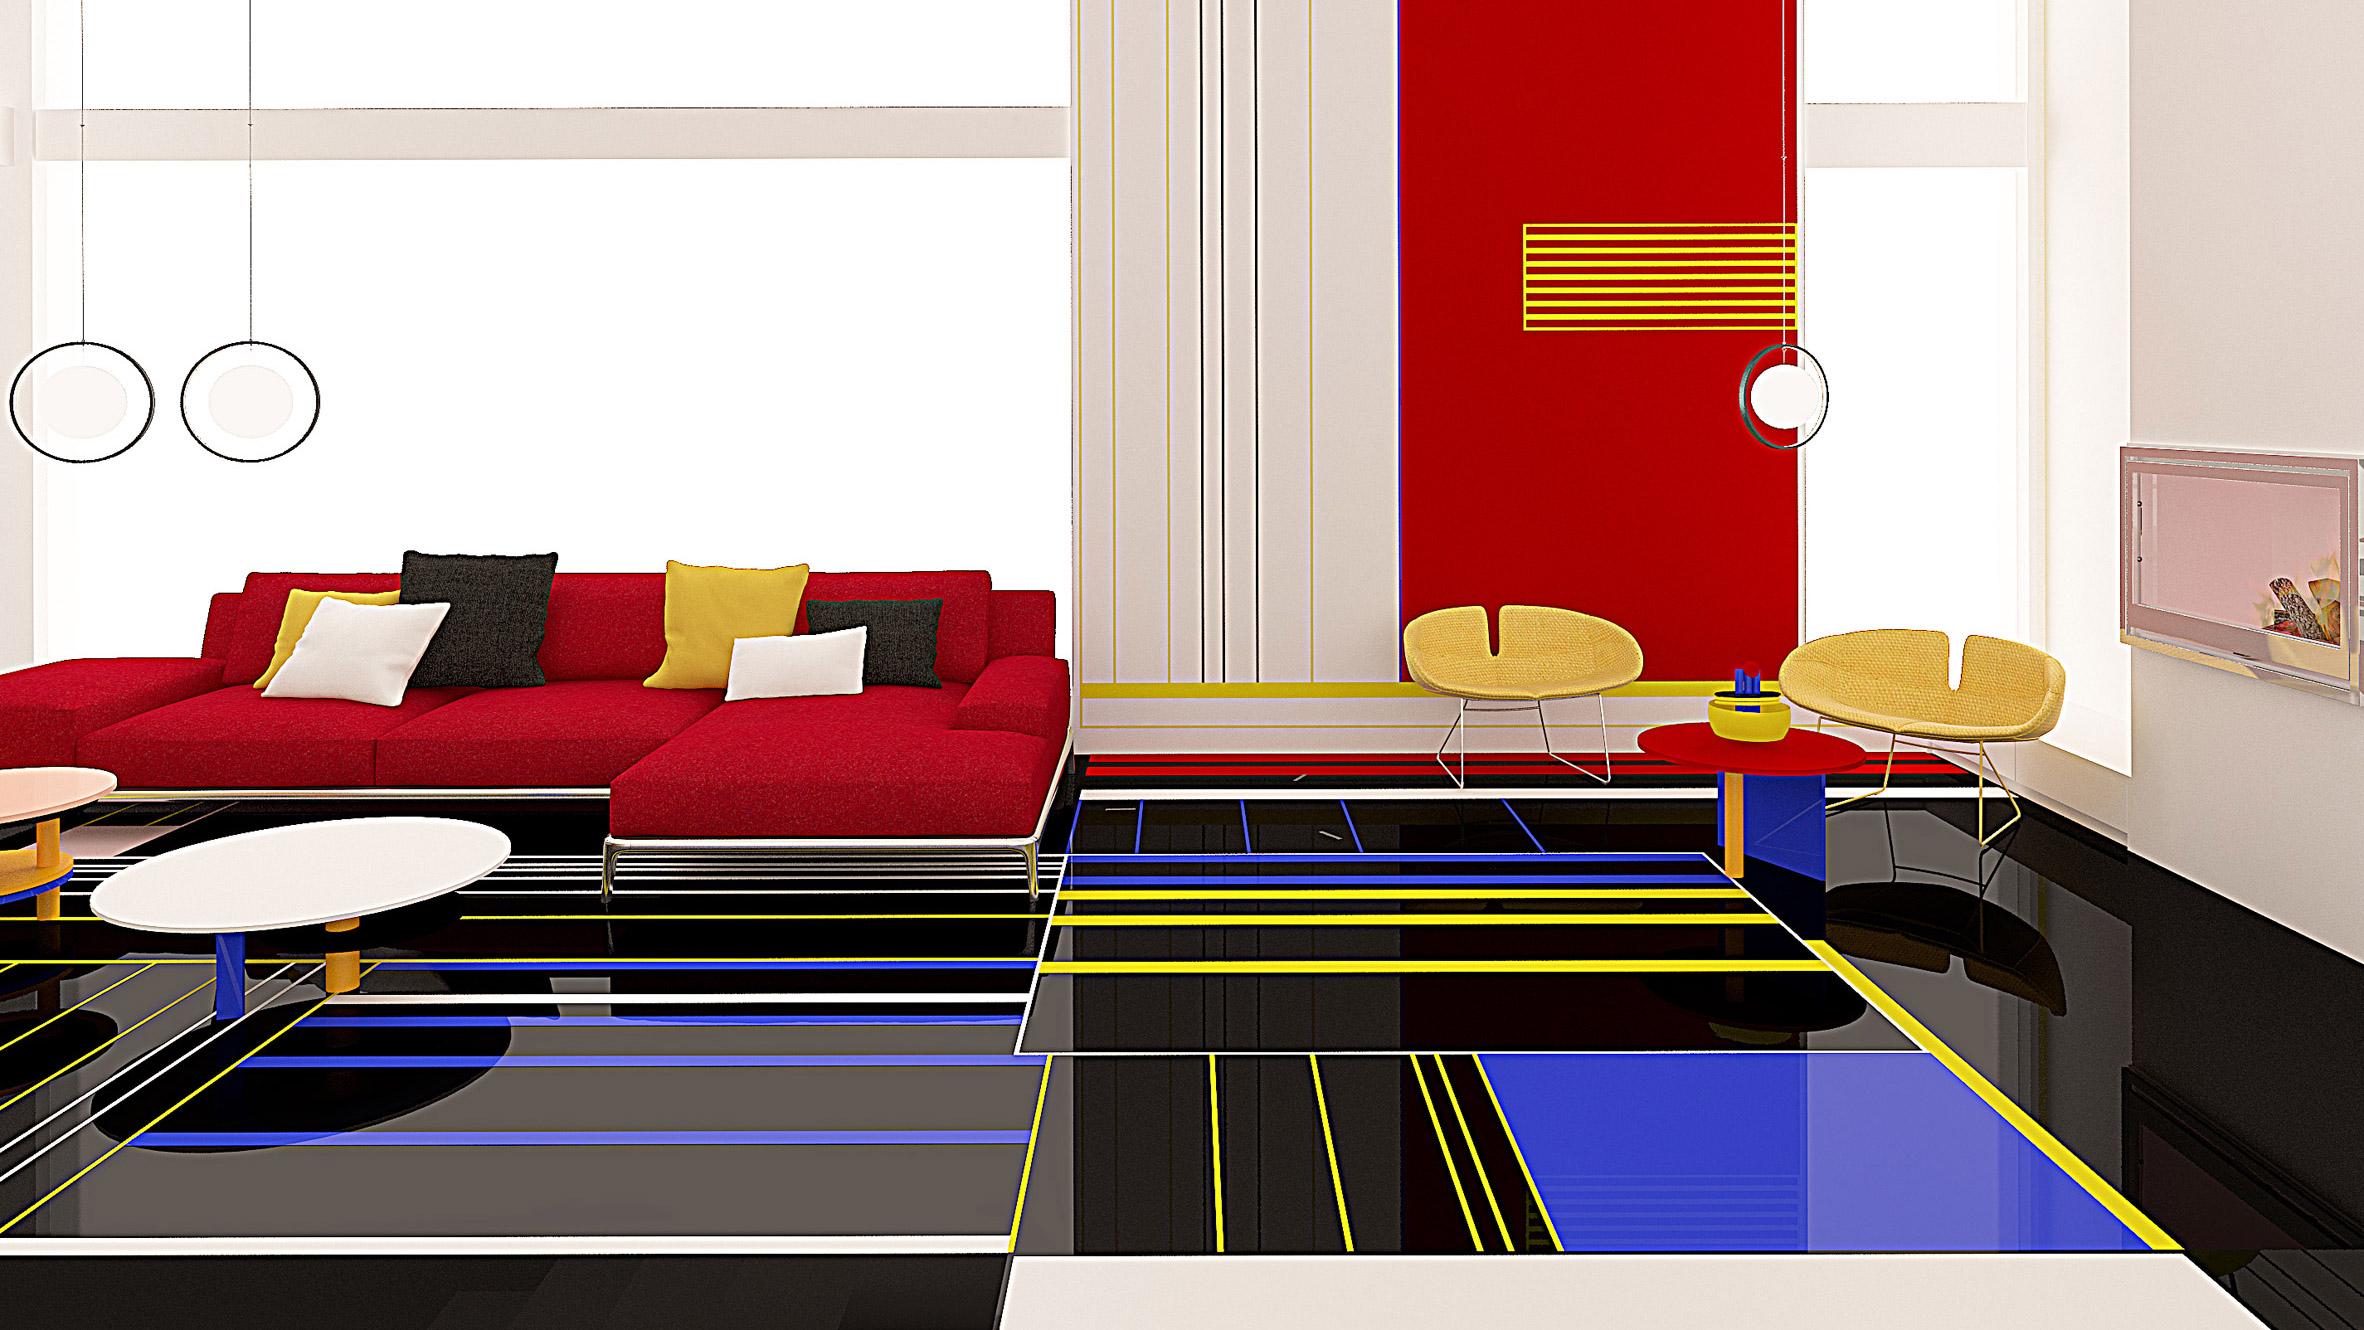 This week on Dezeen: Breakfast With Mondrian apartment